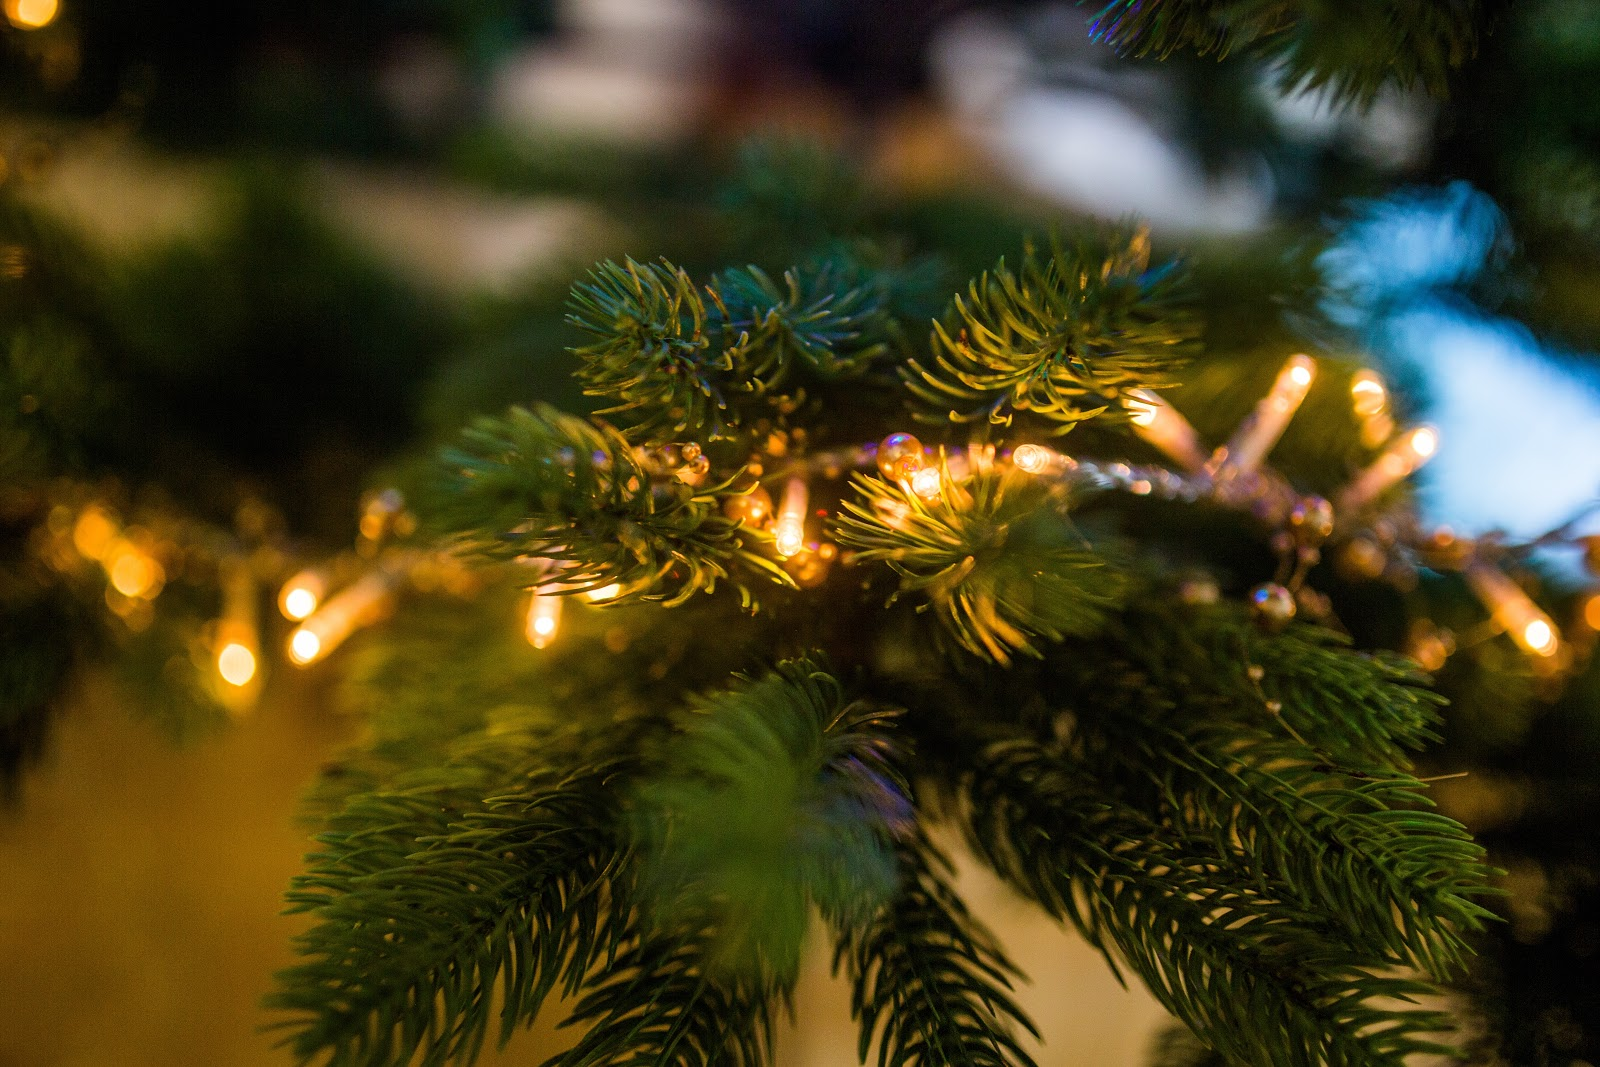 クリスマスツリーと飾り付けのライト